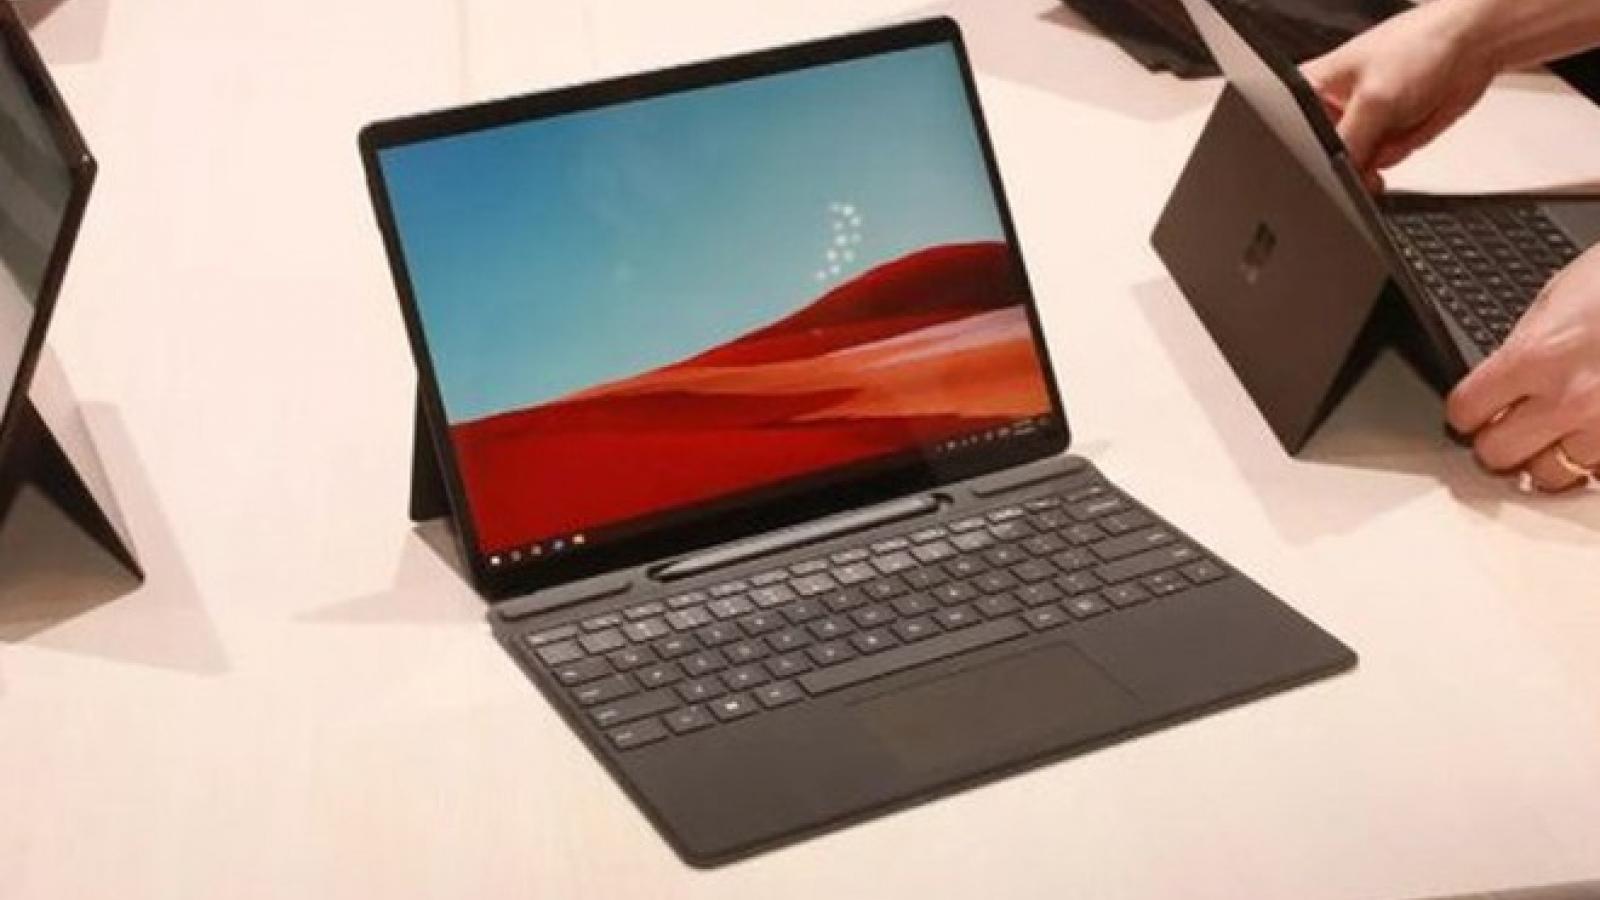 Microsoft thiết kế chip riêng dựa trên ARM cho máy chủ và Surface